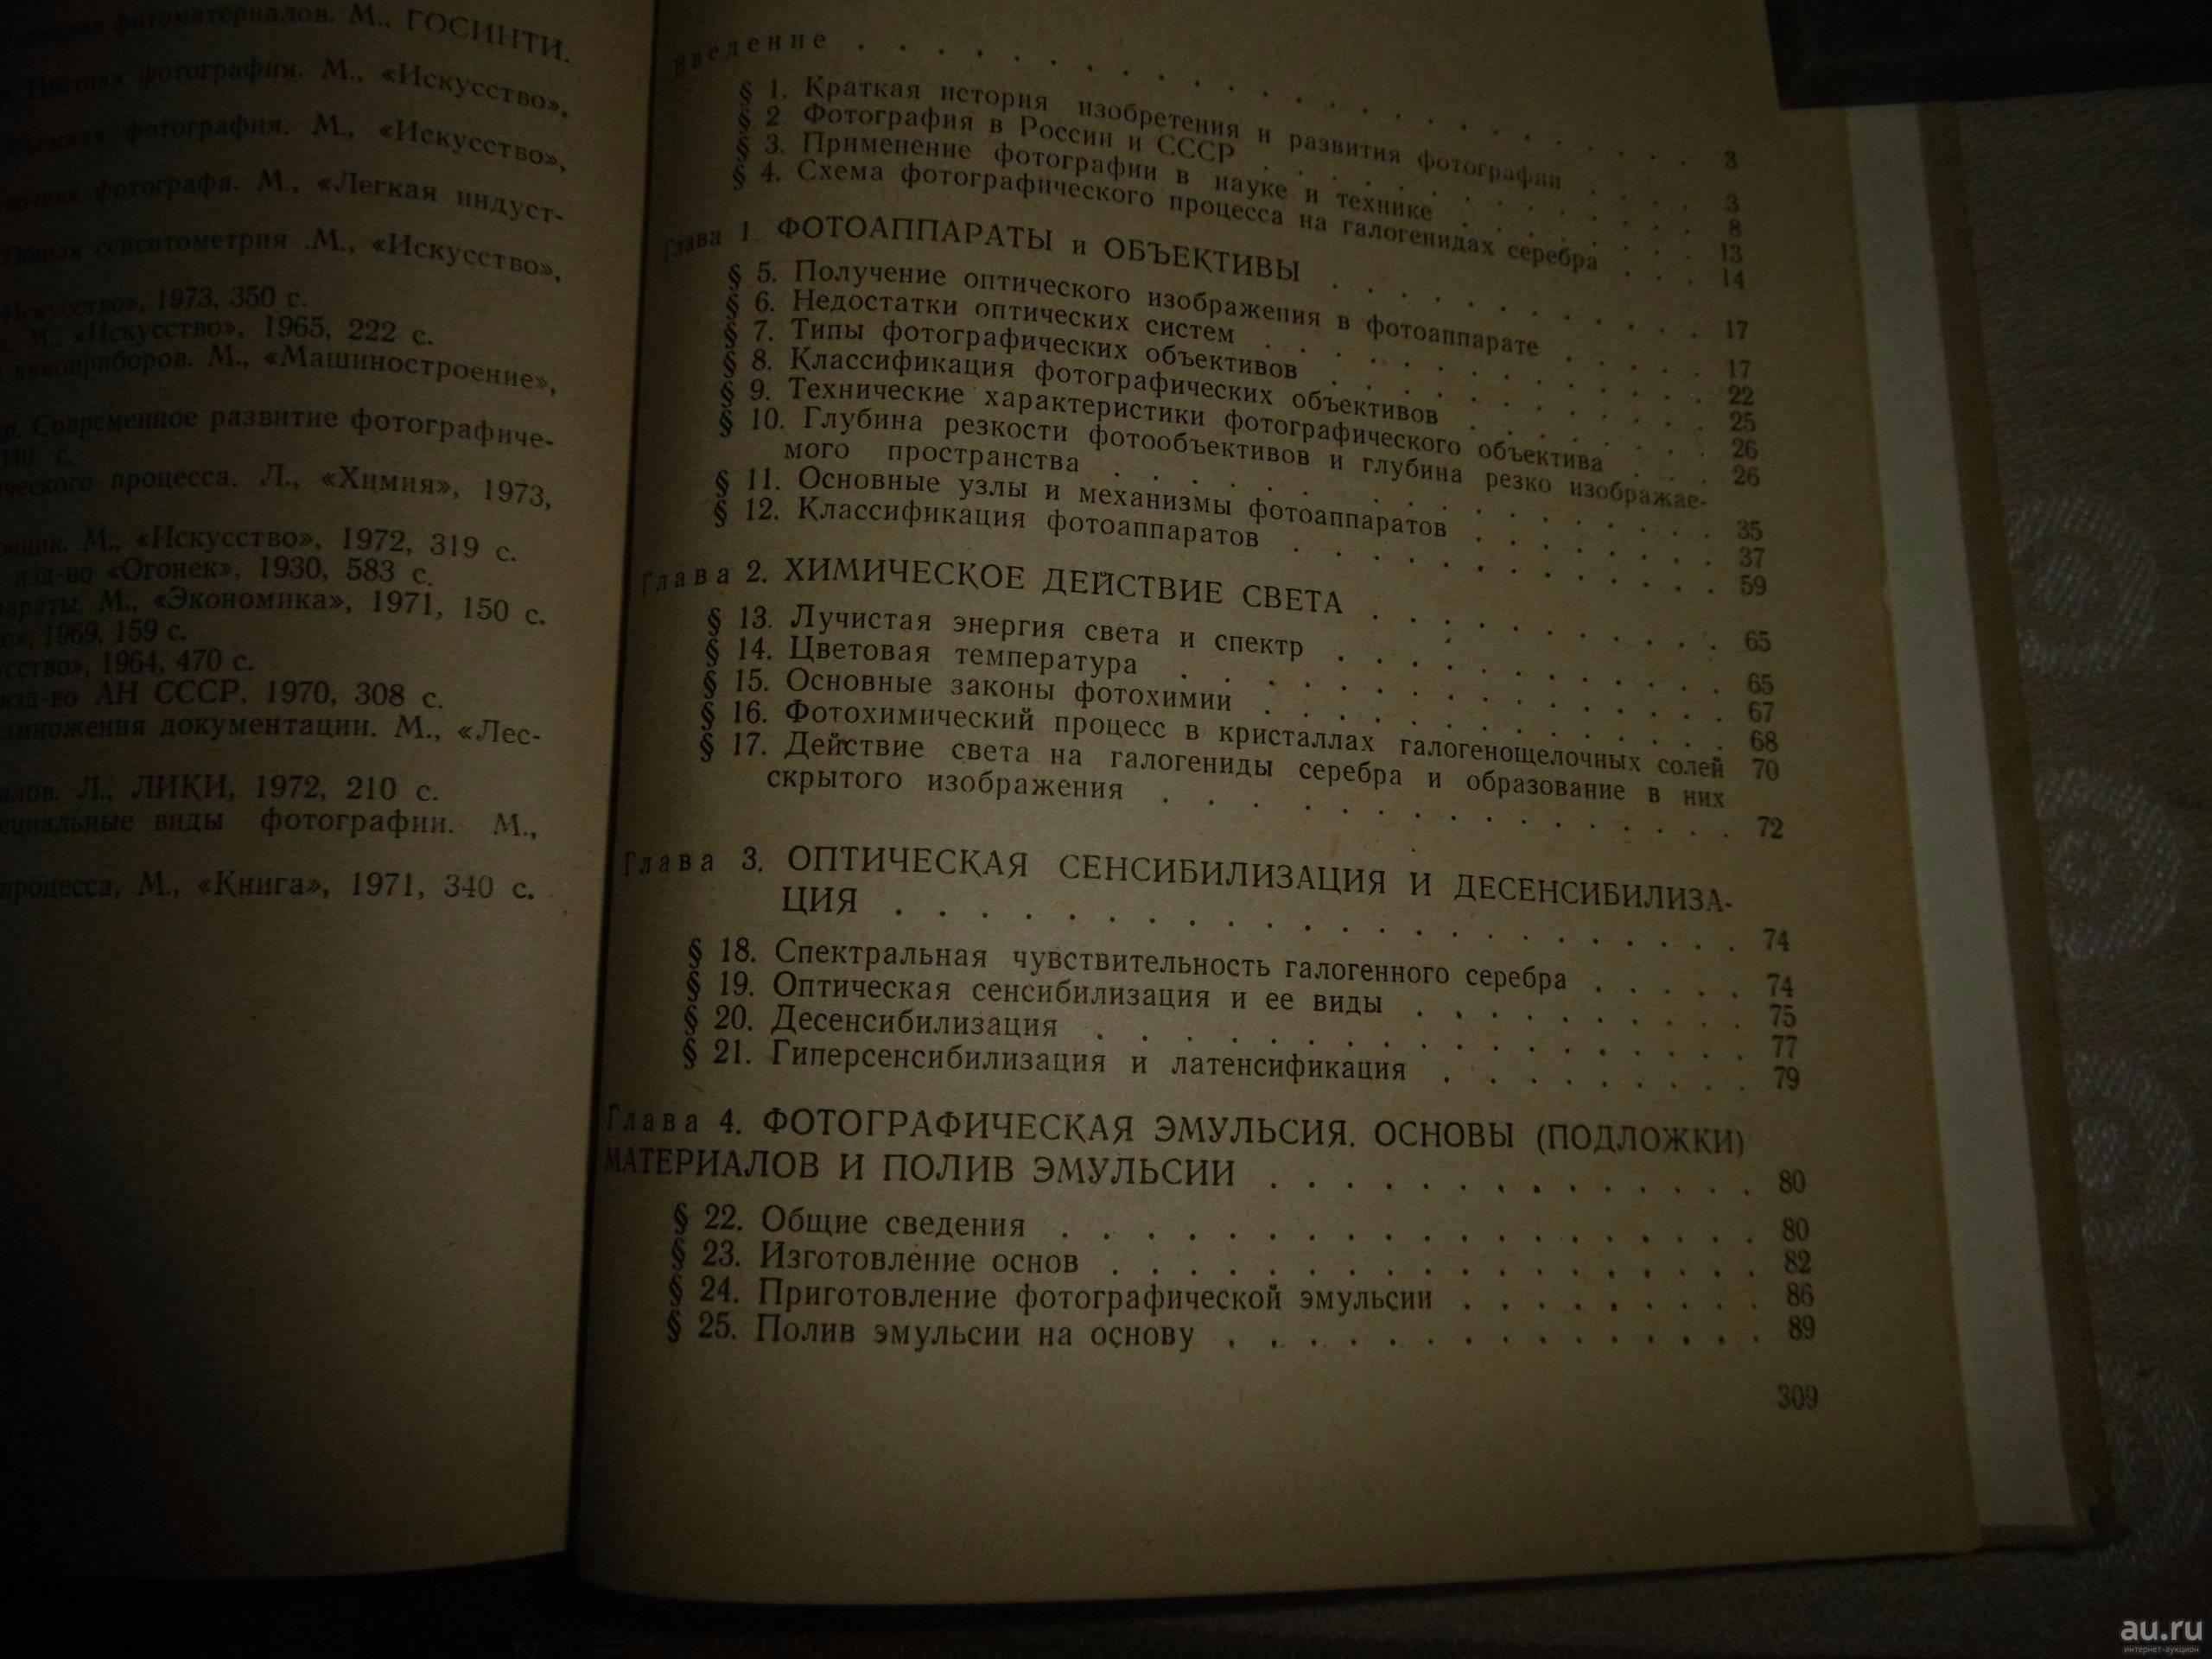 Сенсибилизация: в психологии, медицине, фармакологии, определение явления и примеры, виды